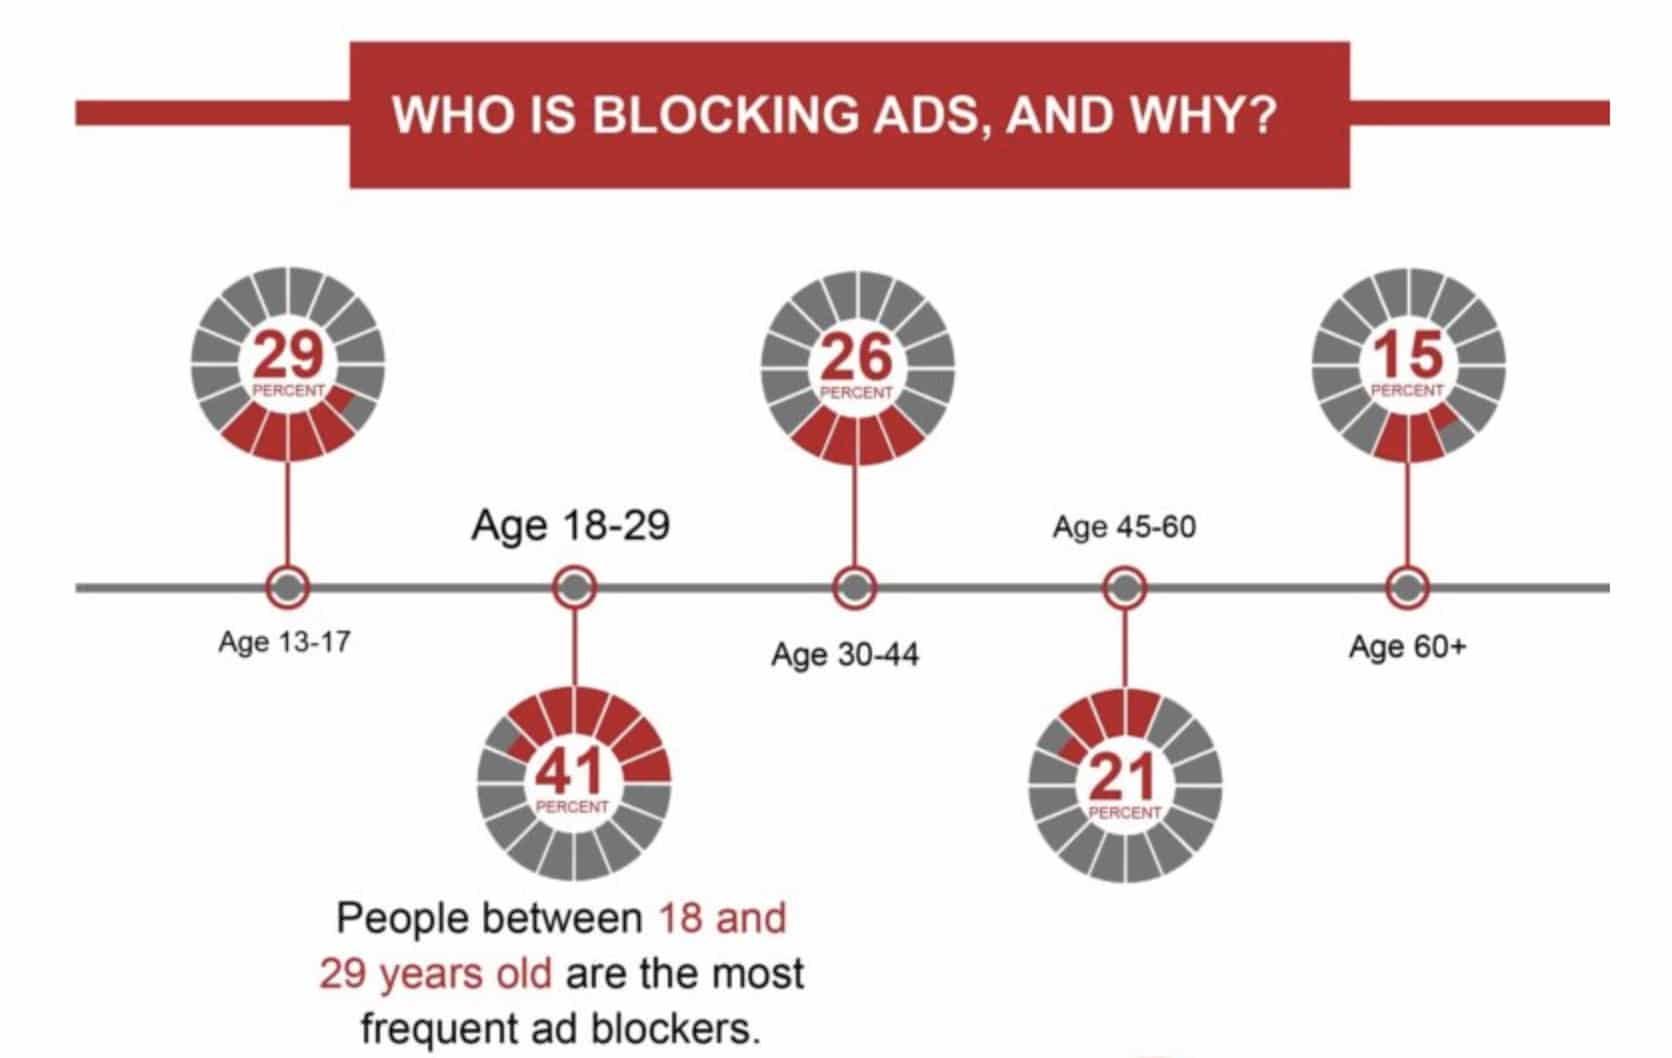 Wer blockiert Werbung?